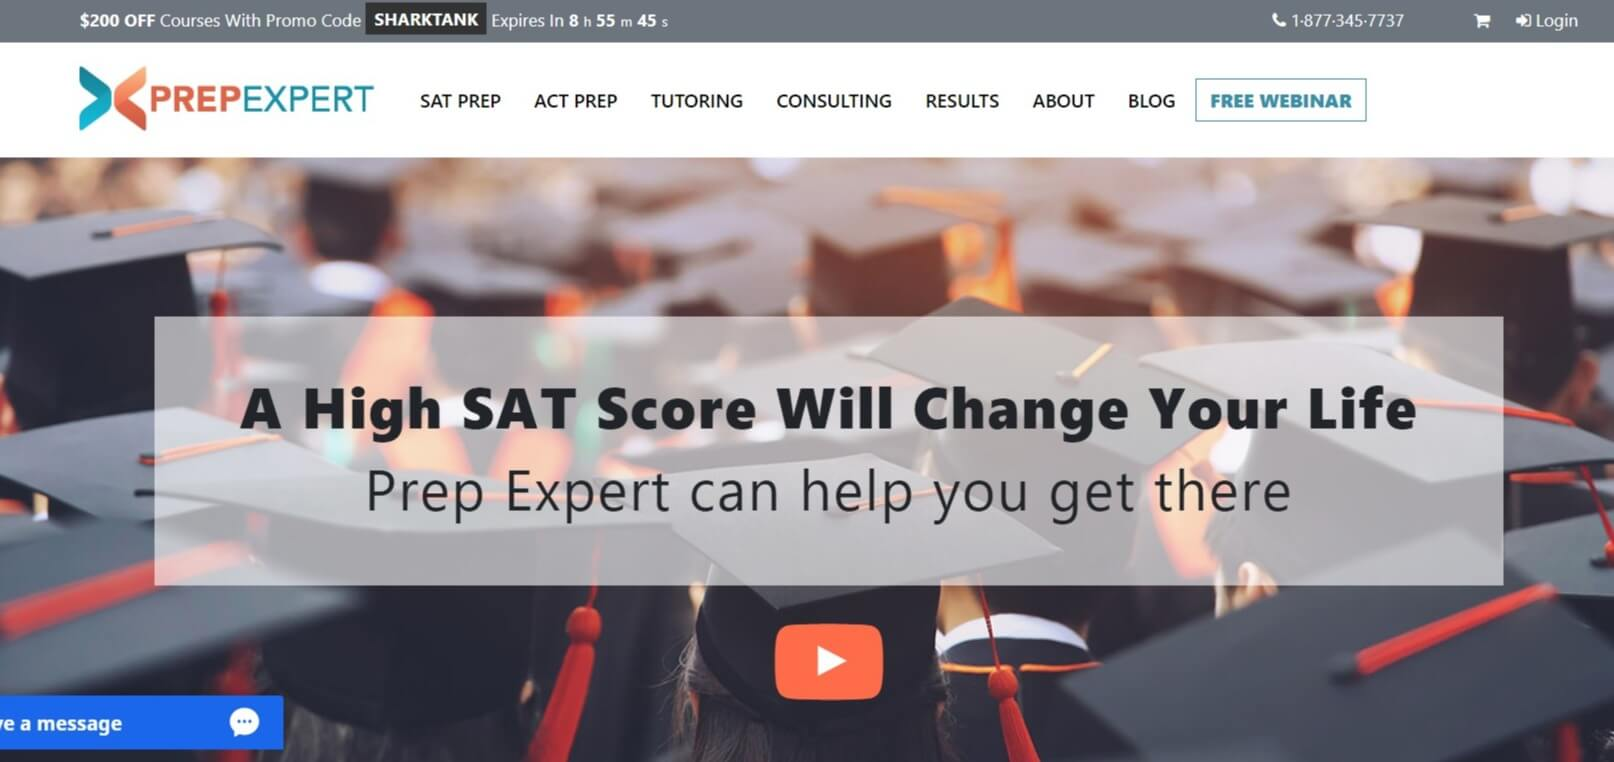 Prep Expert homepage image